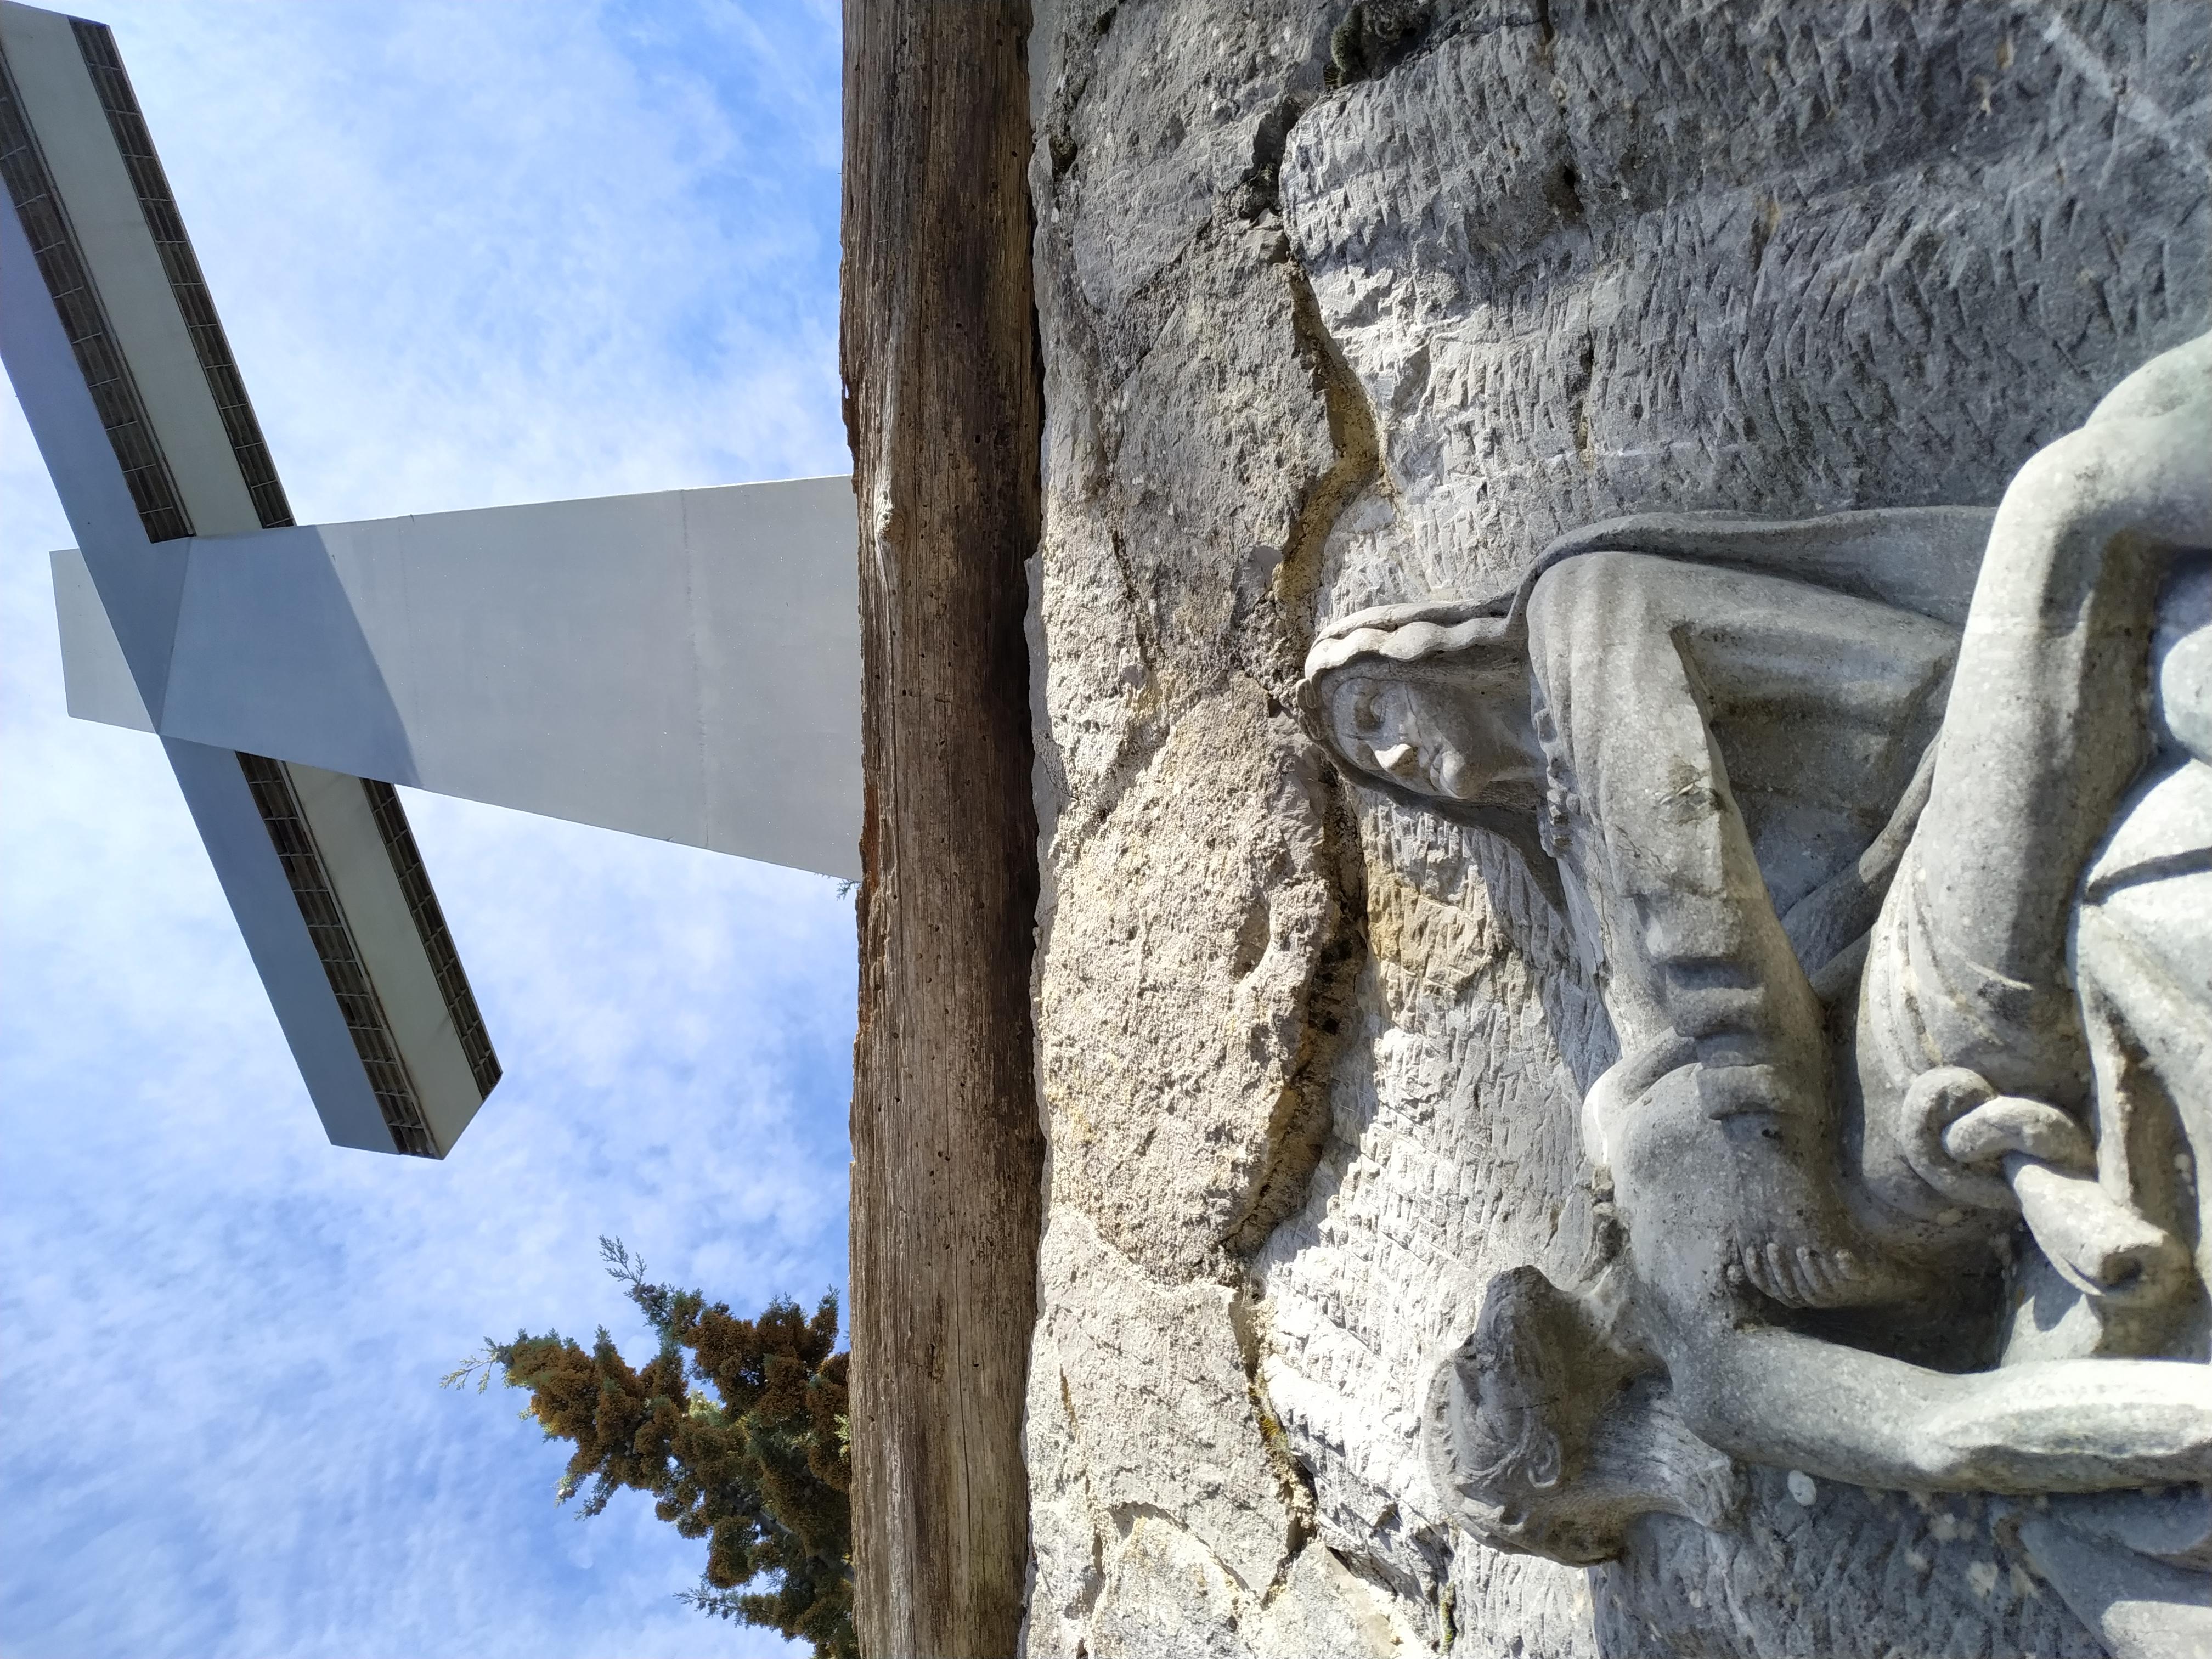 La Croce di ferro antistante il Santuario del SS Crocifisso